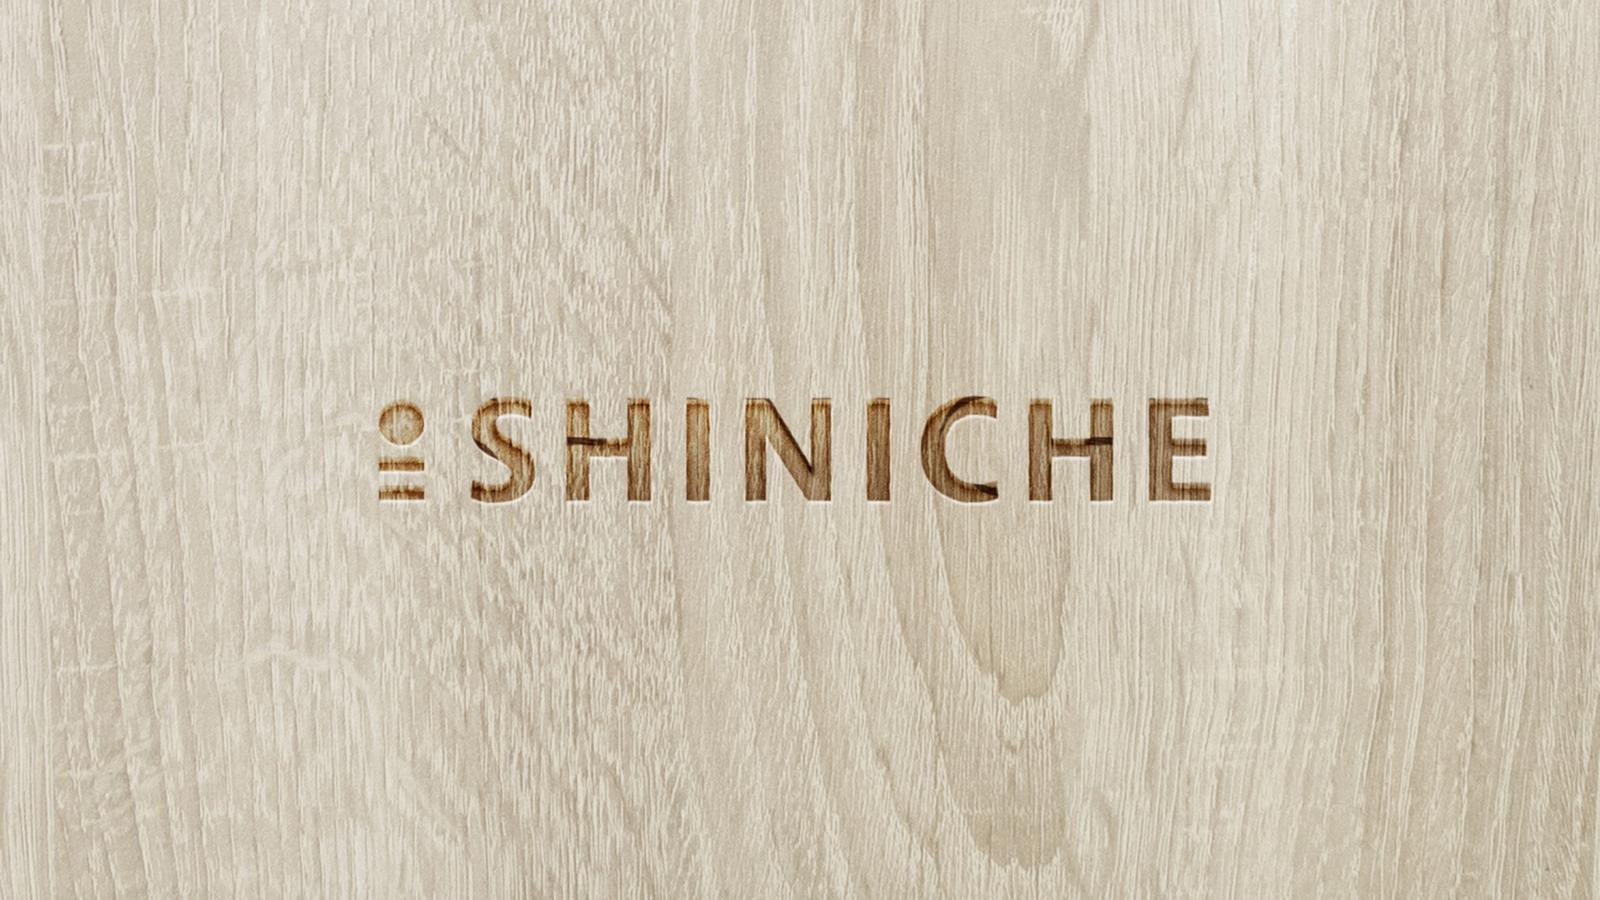 Shiniche // Contemporary Restaurant Experience Design